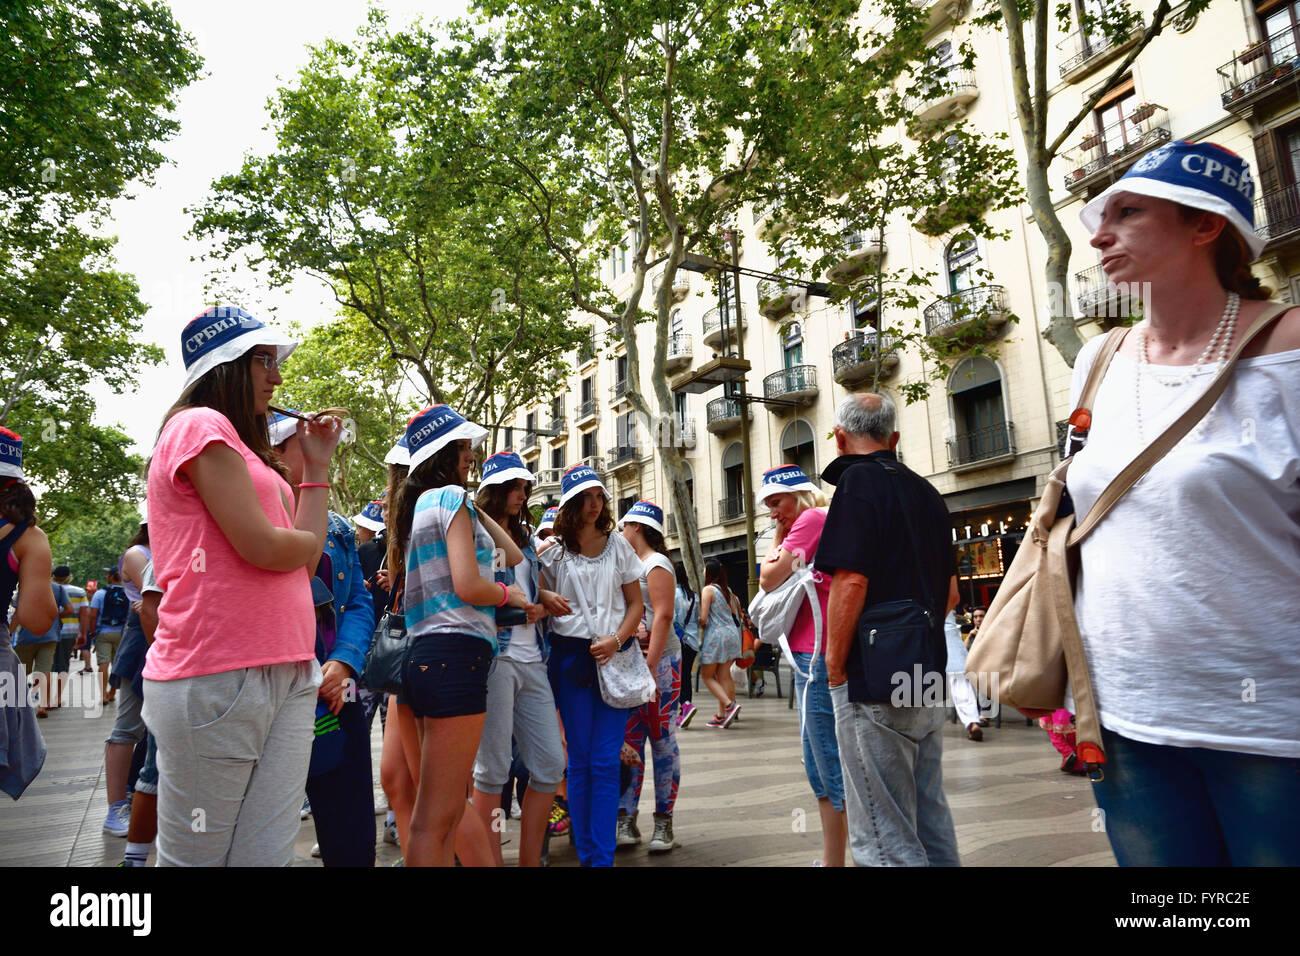 Turisti russi a Las Ramblas. Barcellona, in Catalogna, Spagna, Europa. Immagini Stock